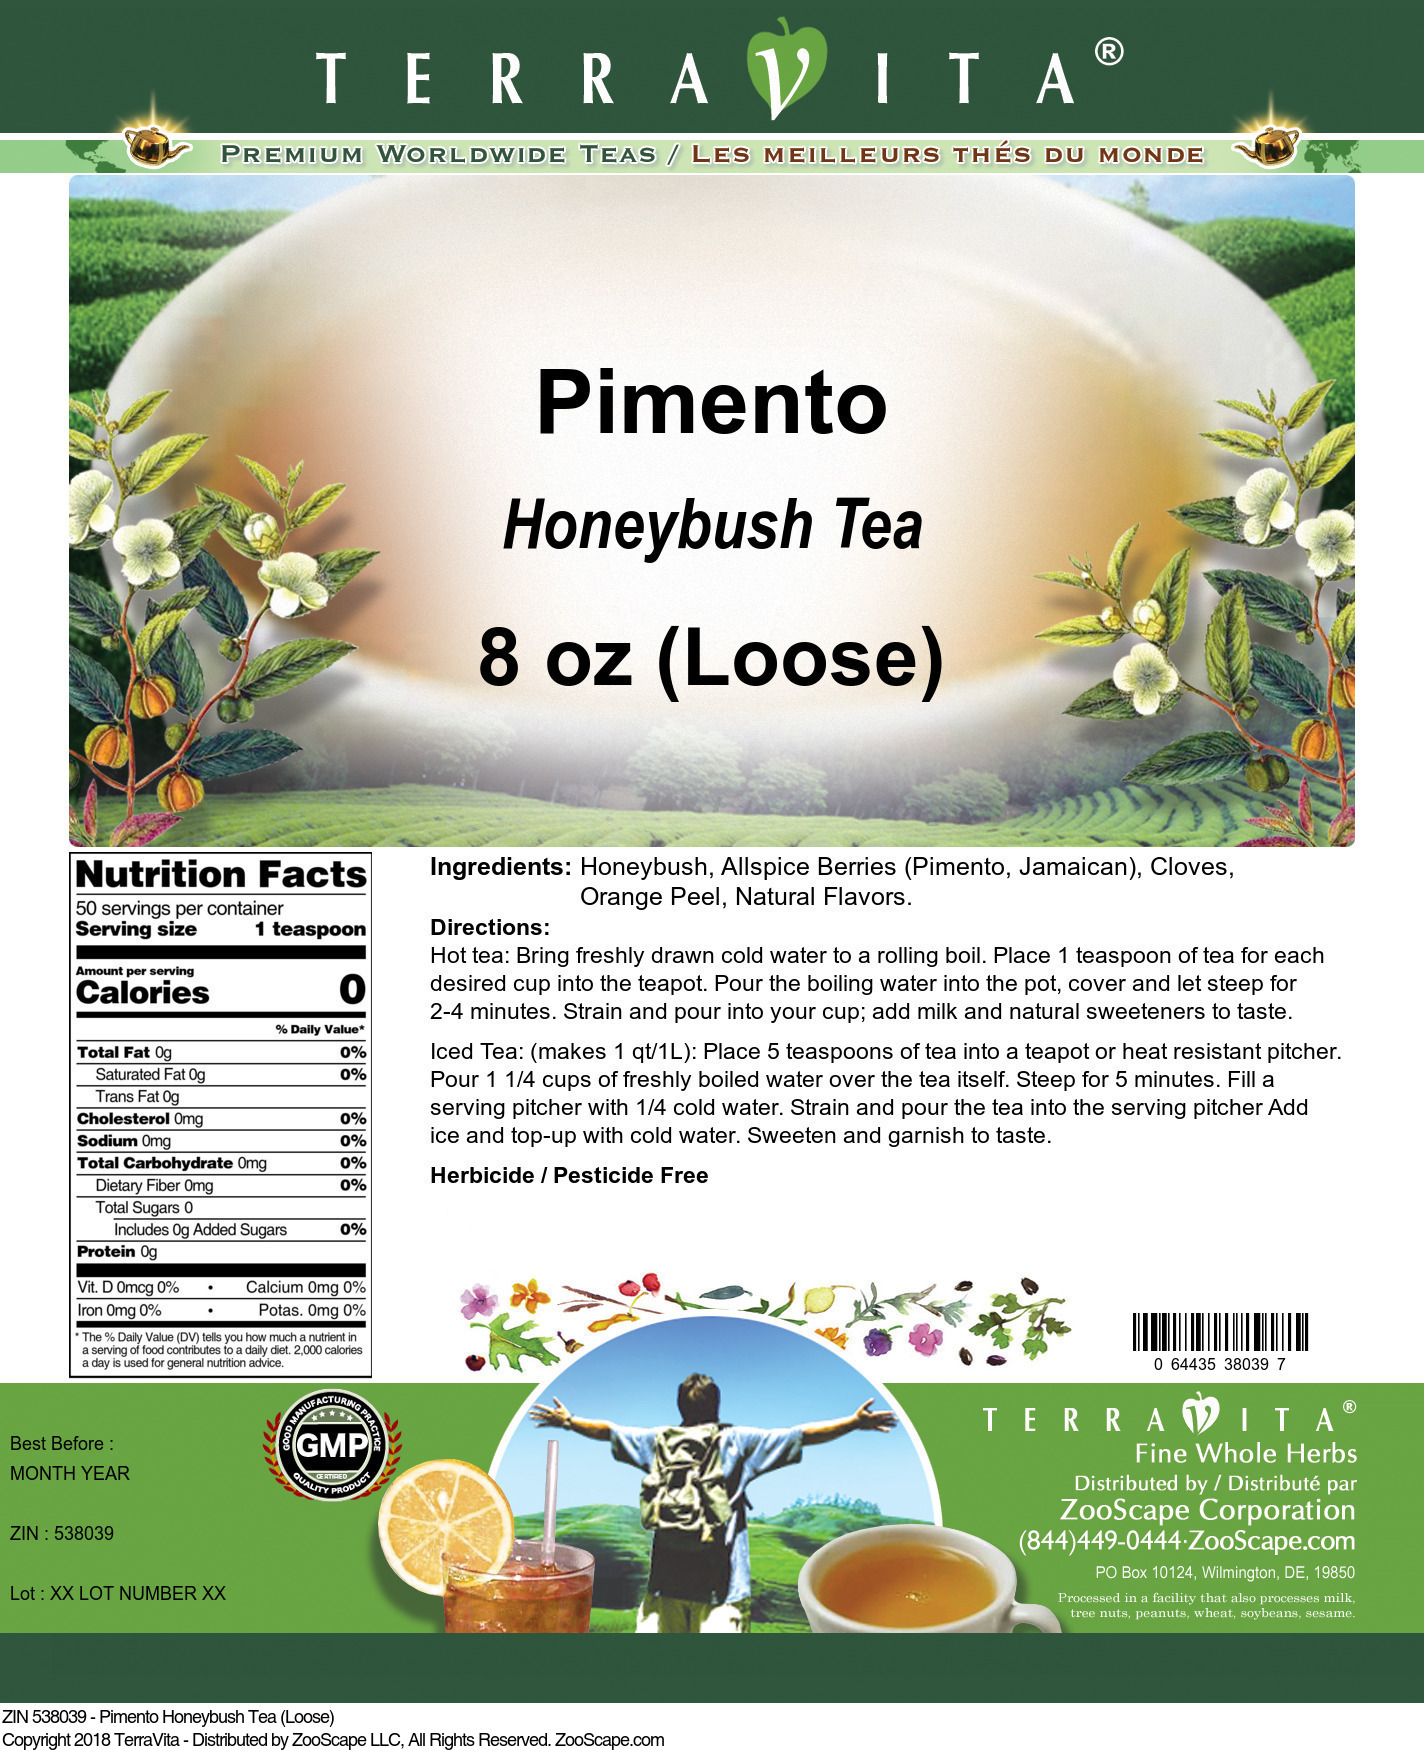 Pimento Honeybush Tea (Loose)